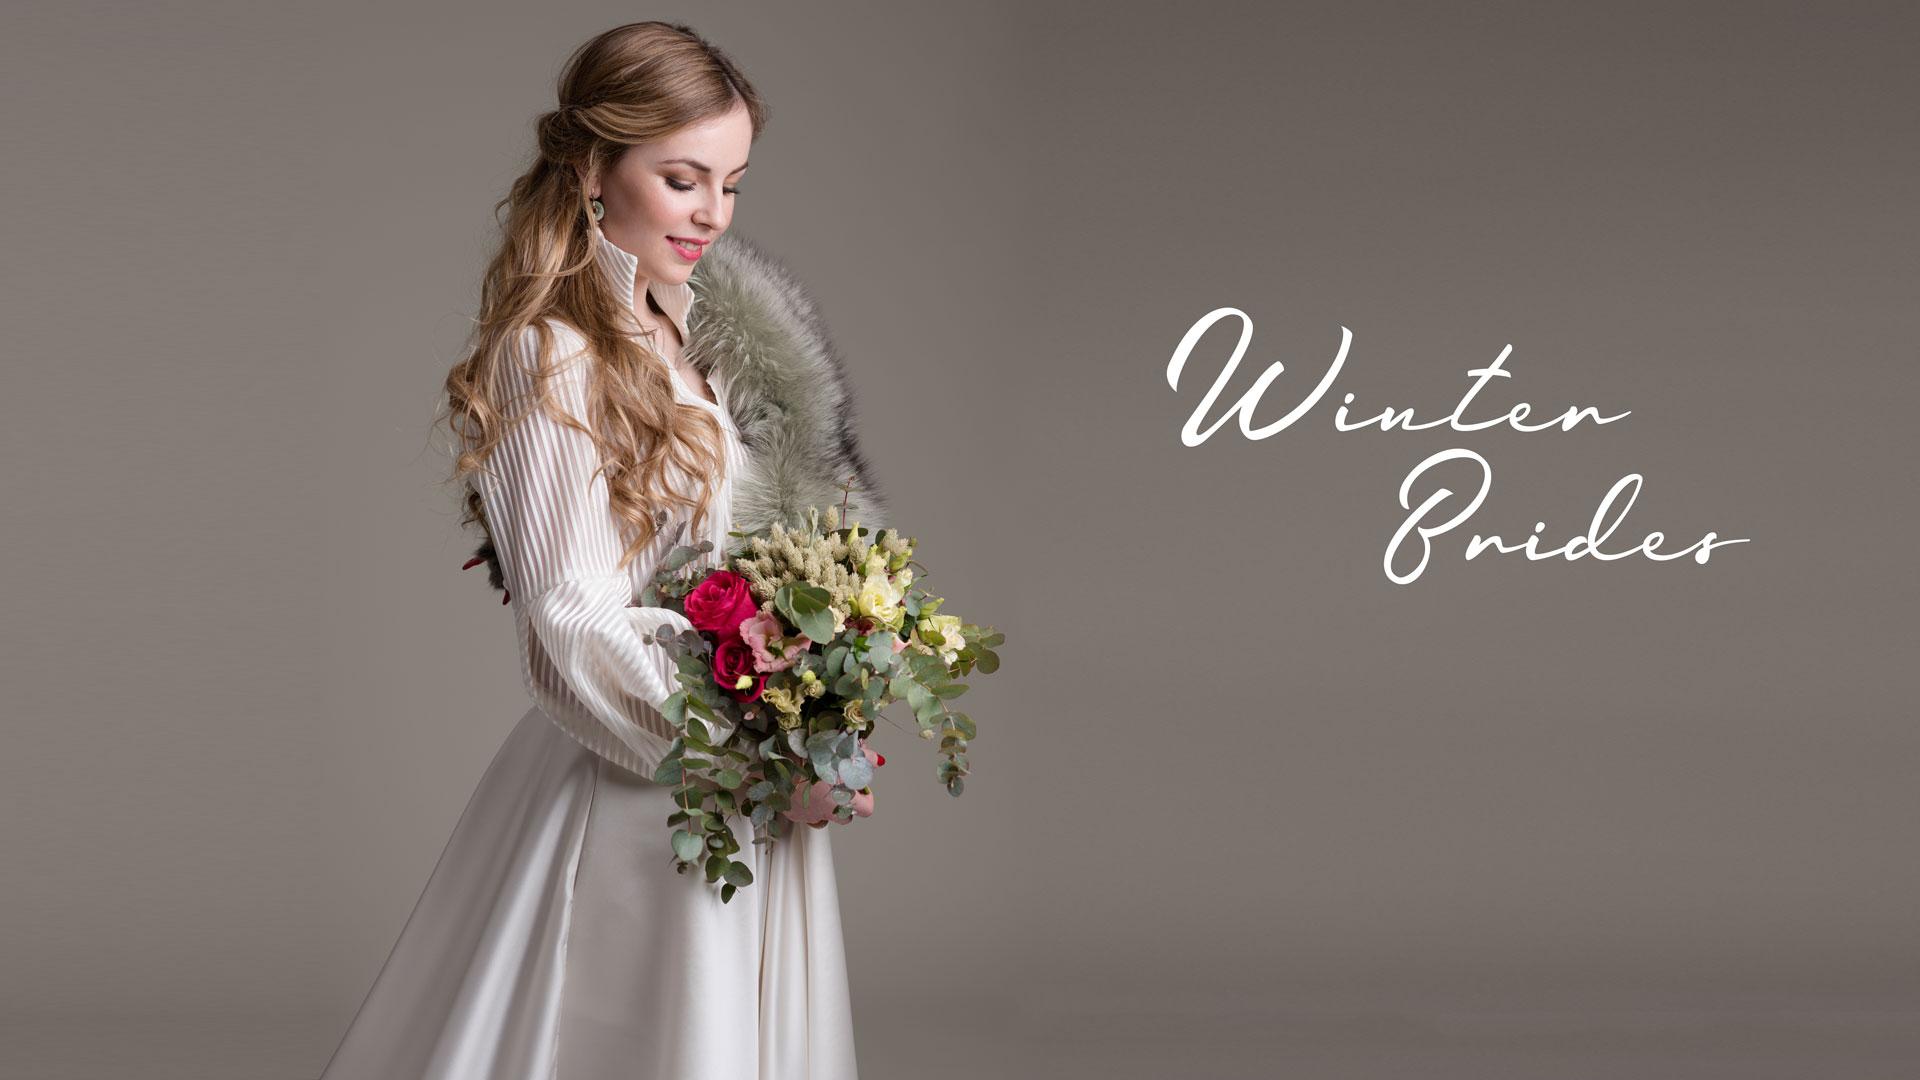 Video novia de invierno - video editorial WINTER BRIDES - nanana video - video boda zaragoza